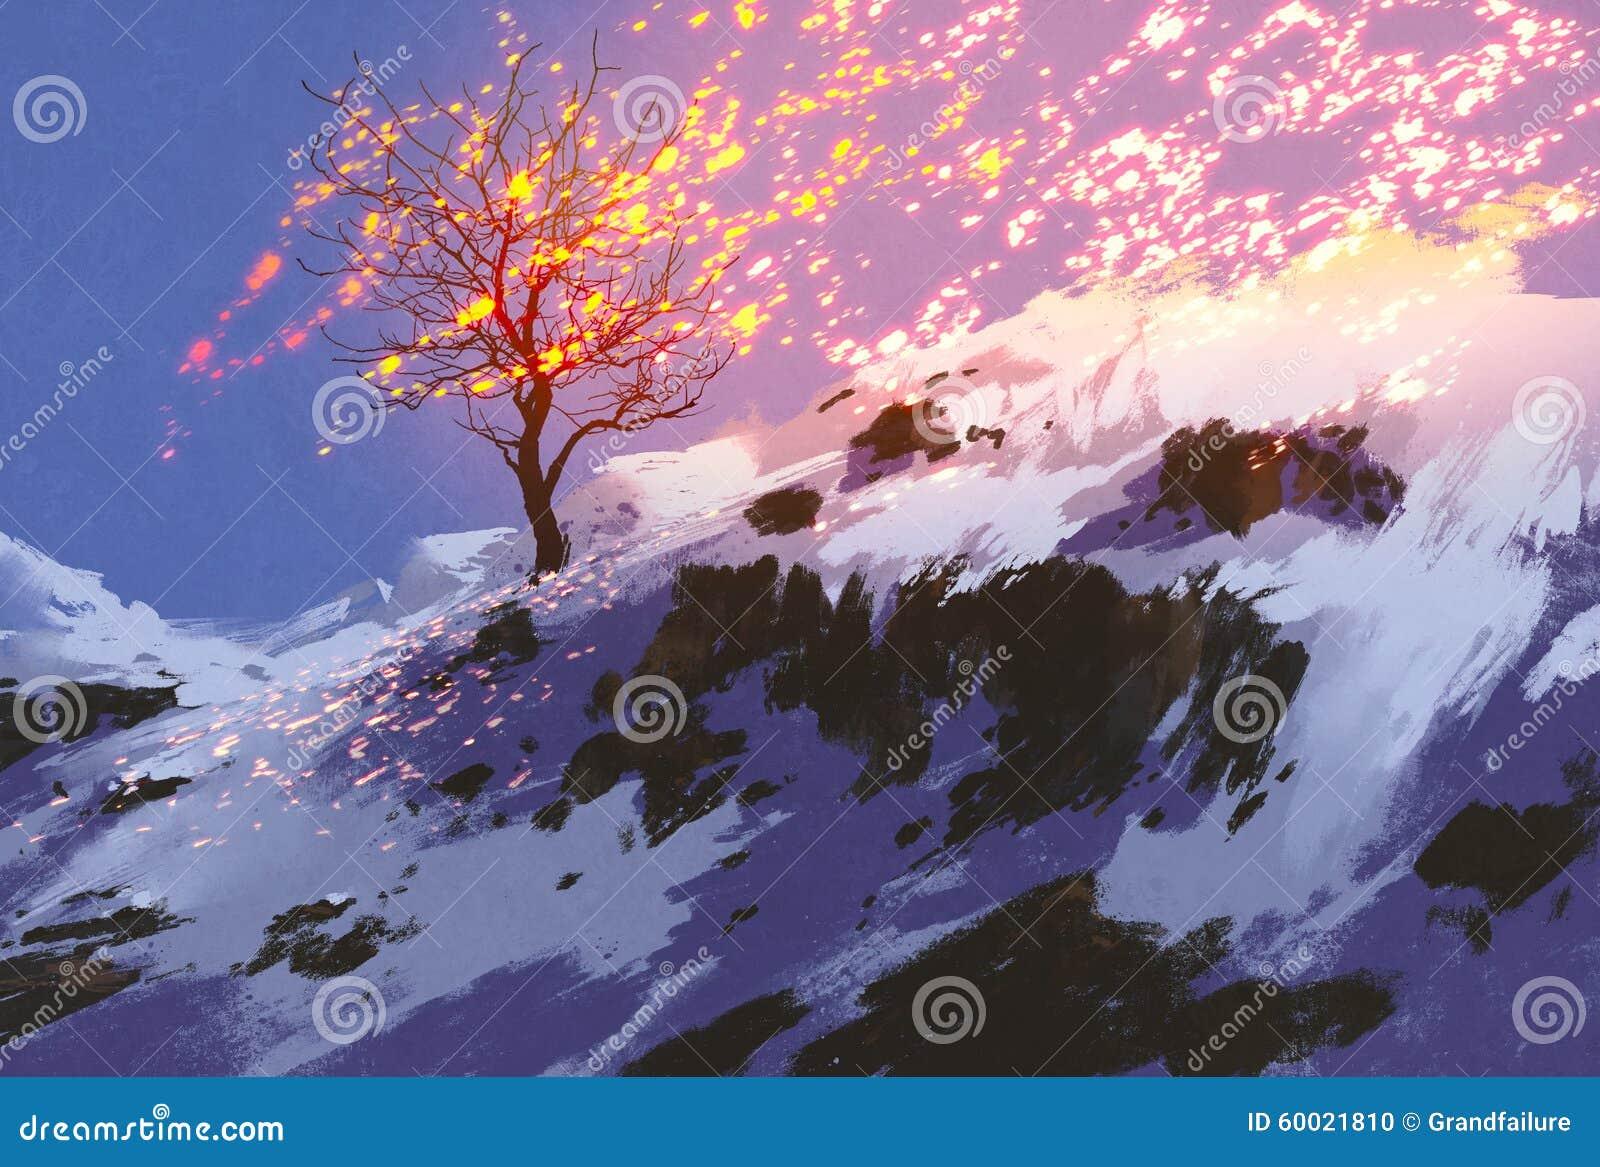 Naakte boom in de winter met gloeiende sneeuw